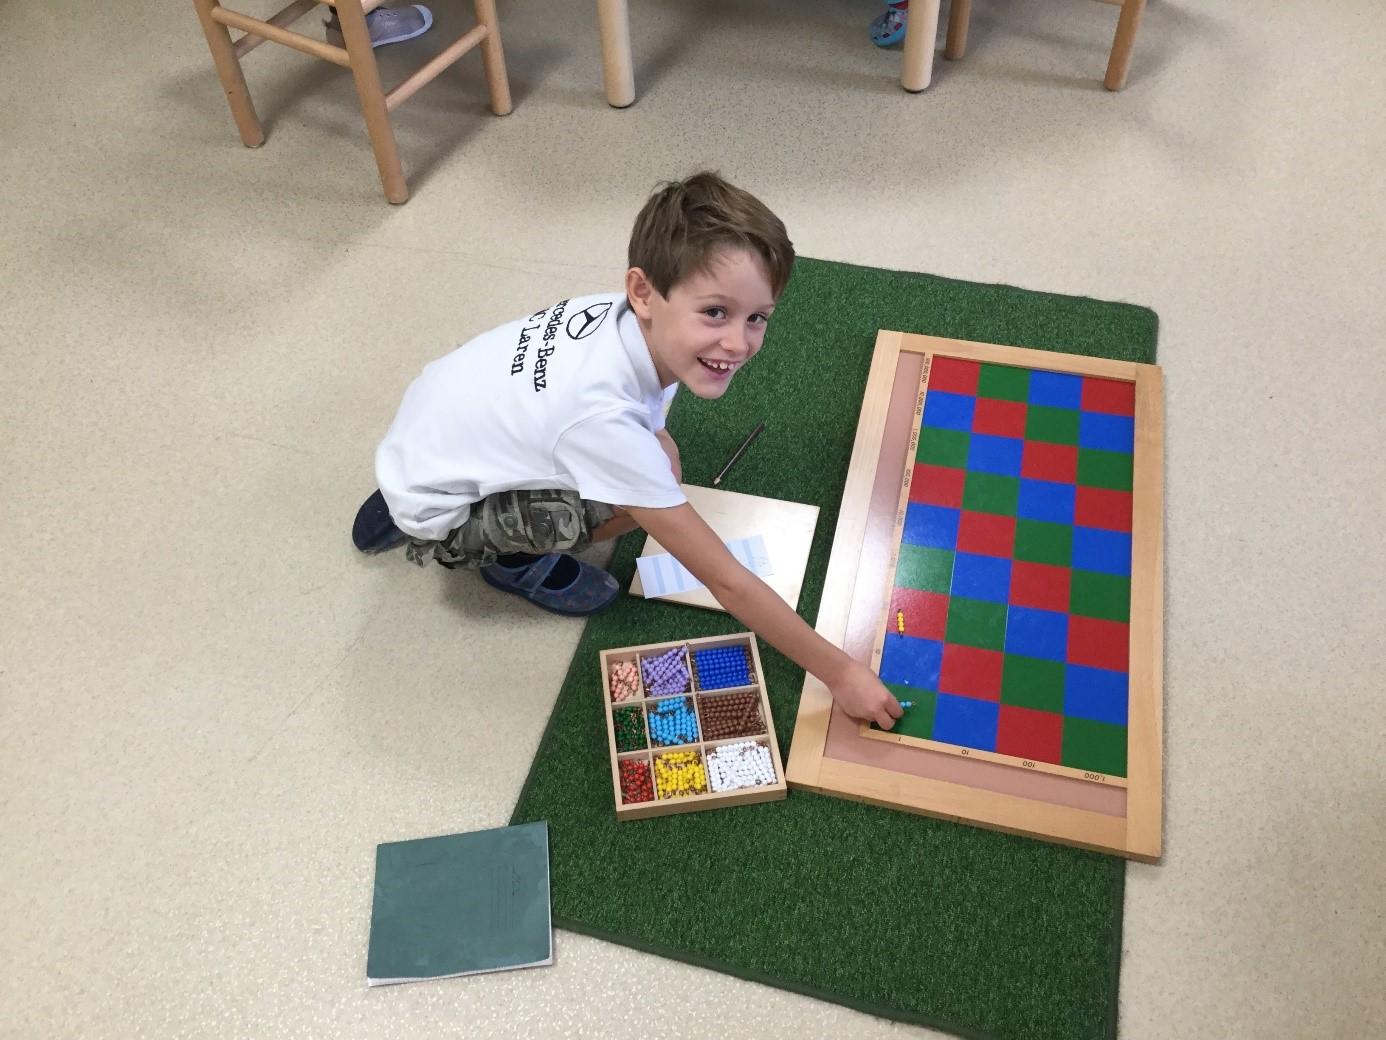 Matériel Montessori - enfant utilise le materiel montessori